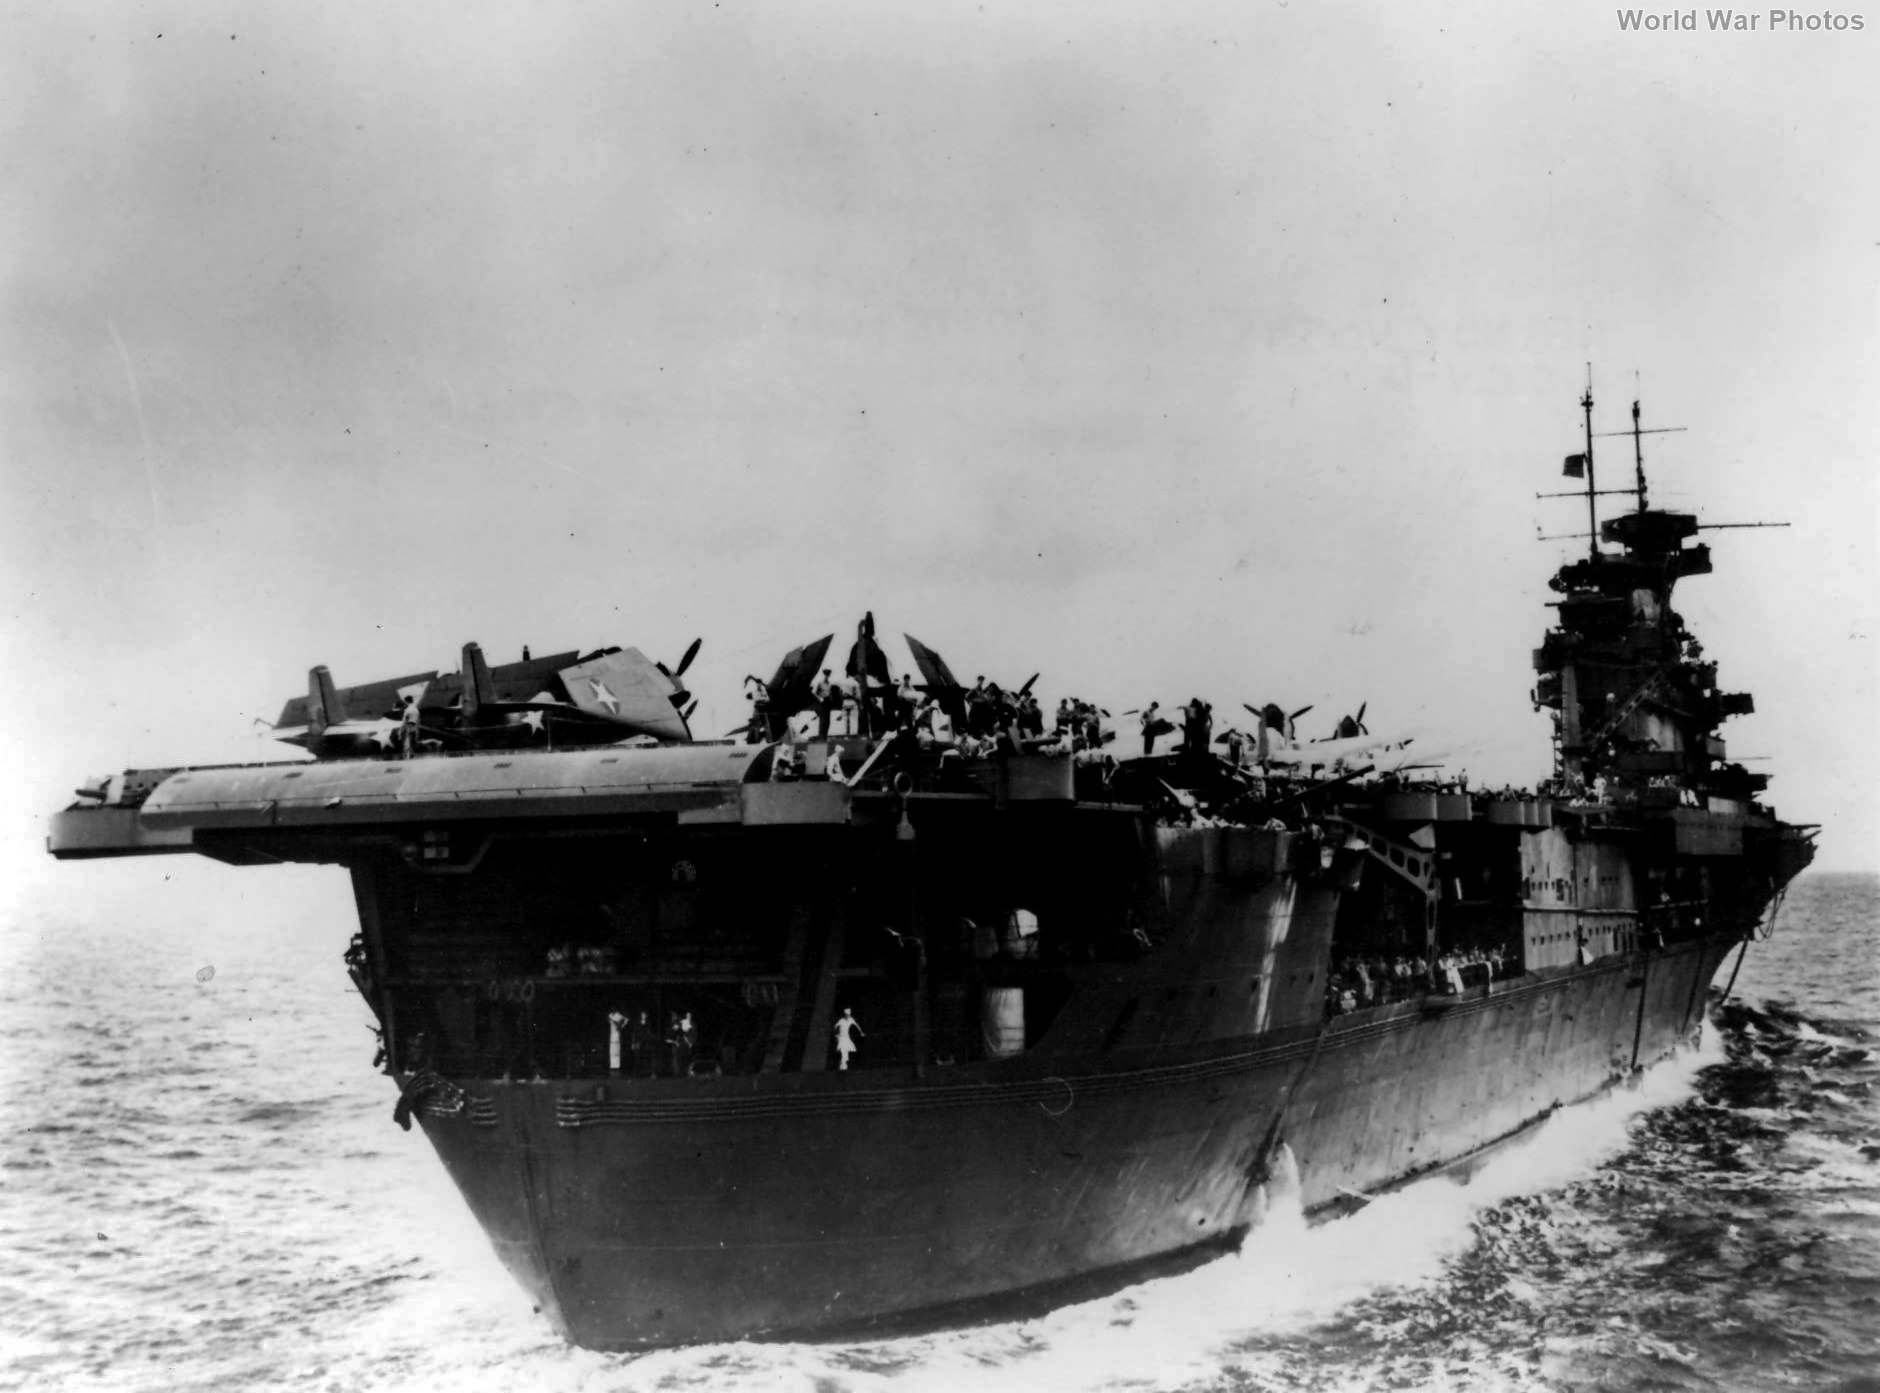 USS Enterprise stern